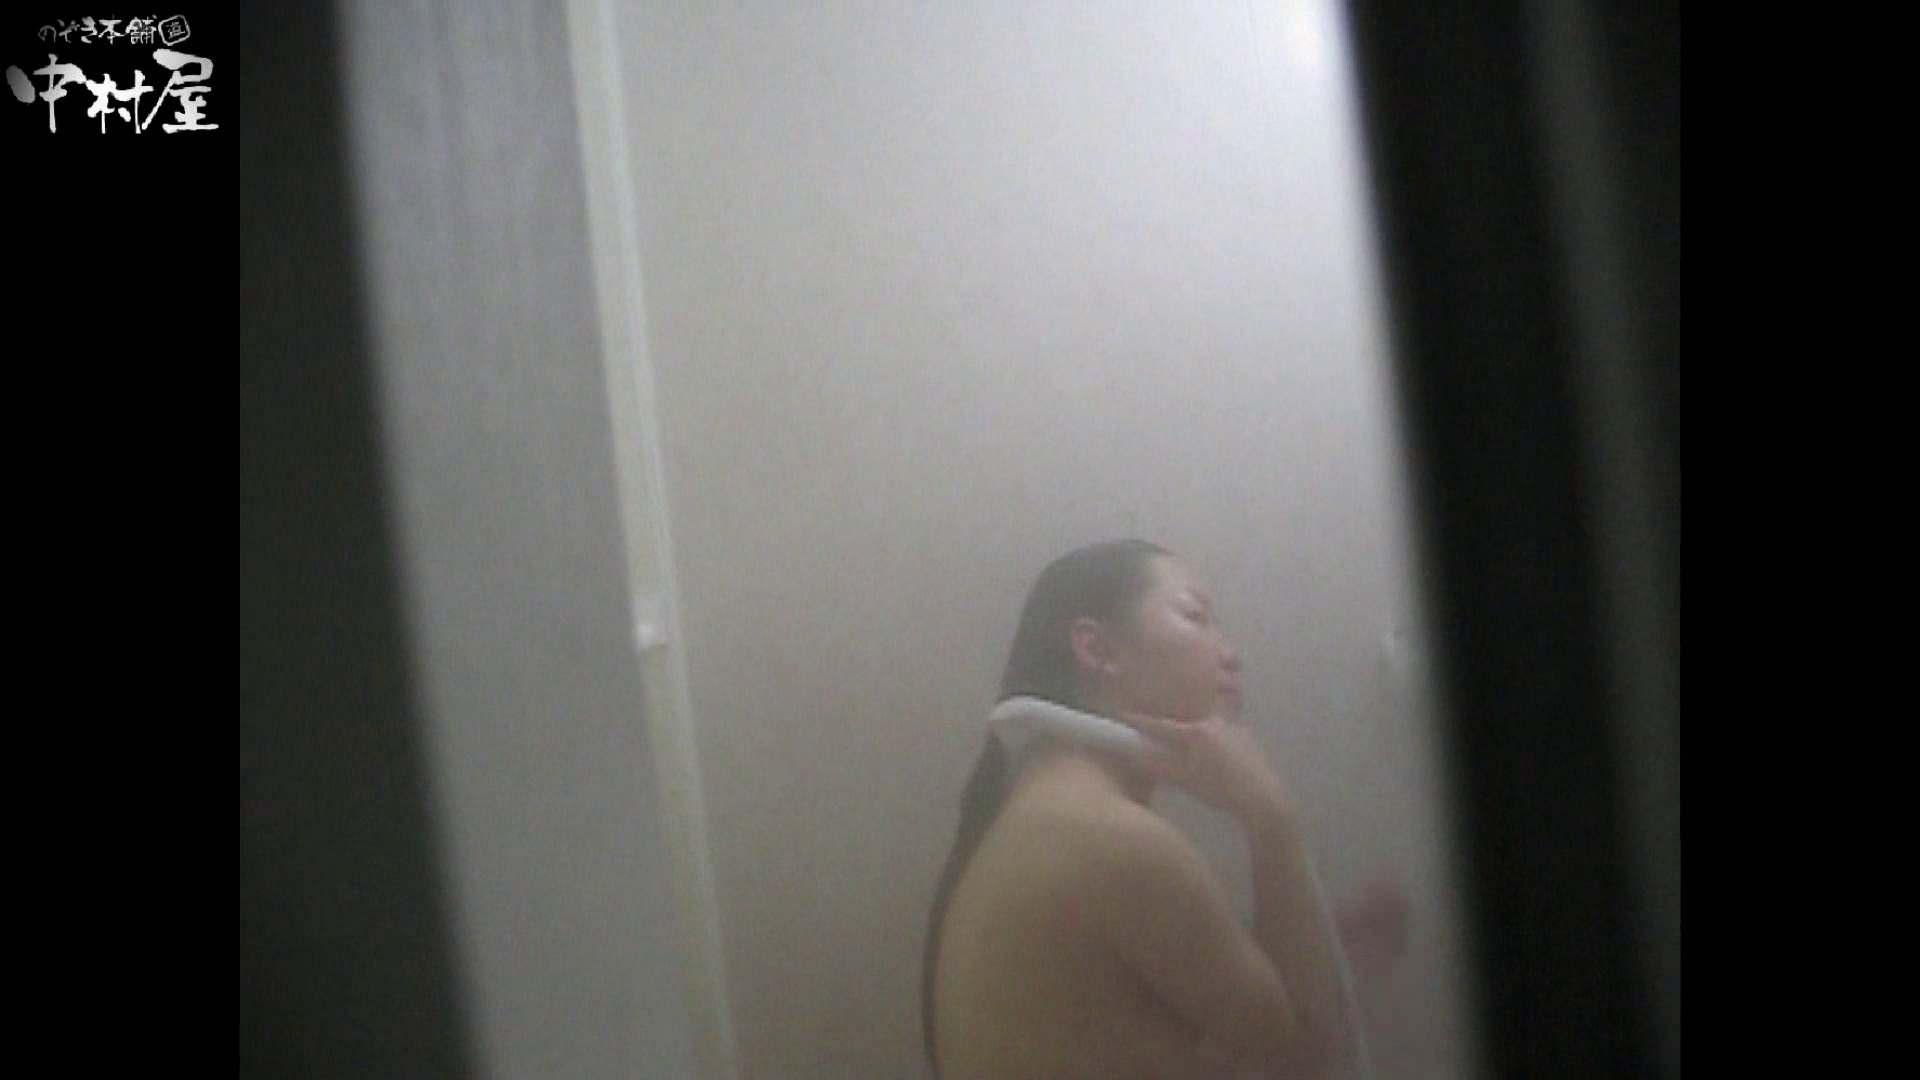 民家風呂専門盗撮師の超危険映像 vol.012 エロい美少女 濡れ場動画紹介 89PIX 39